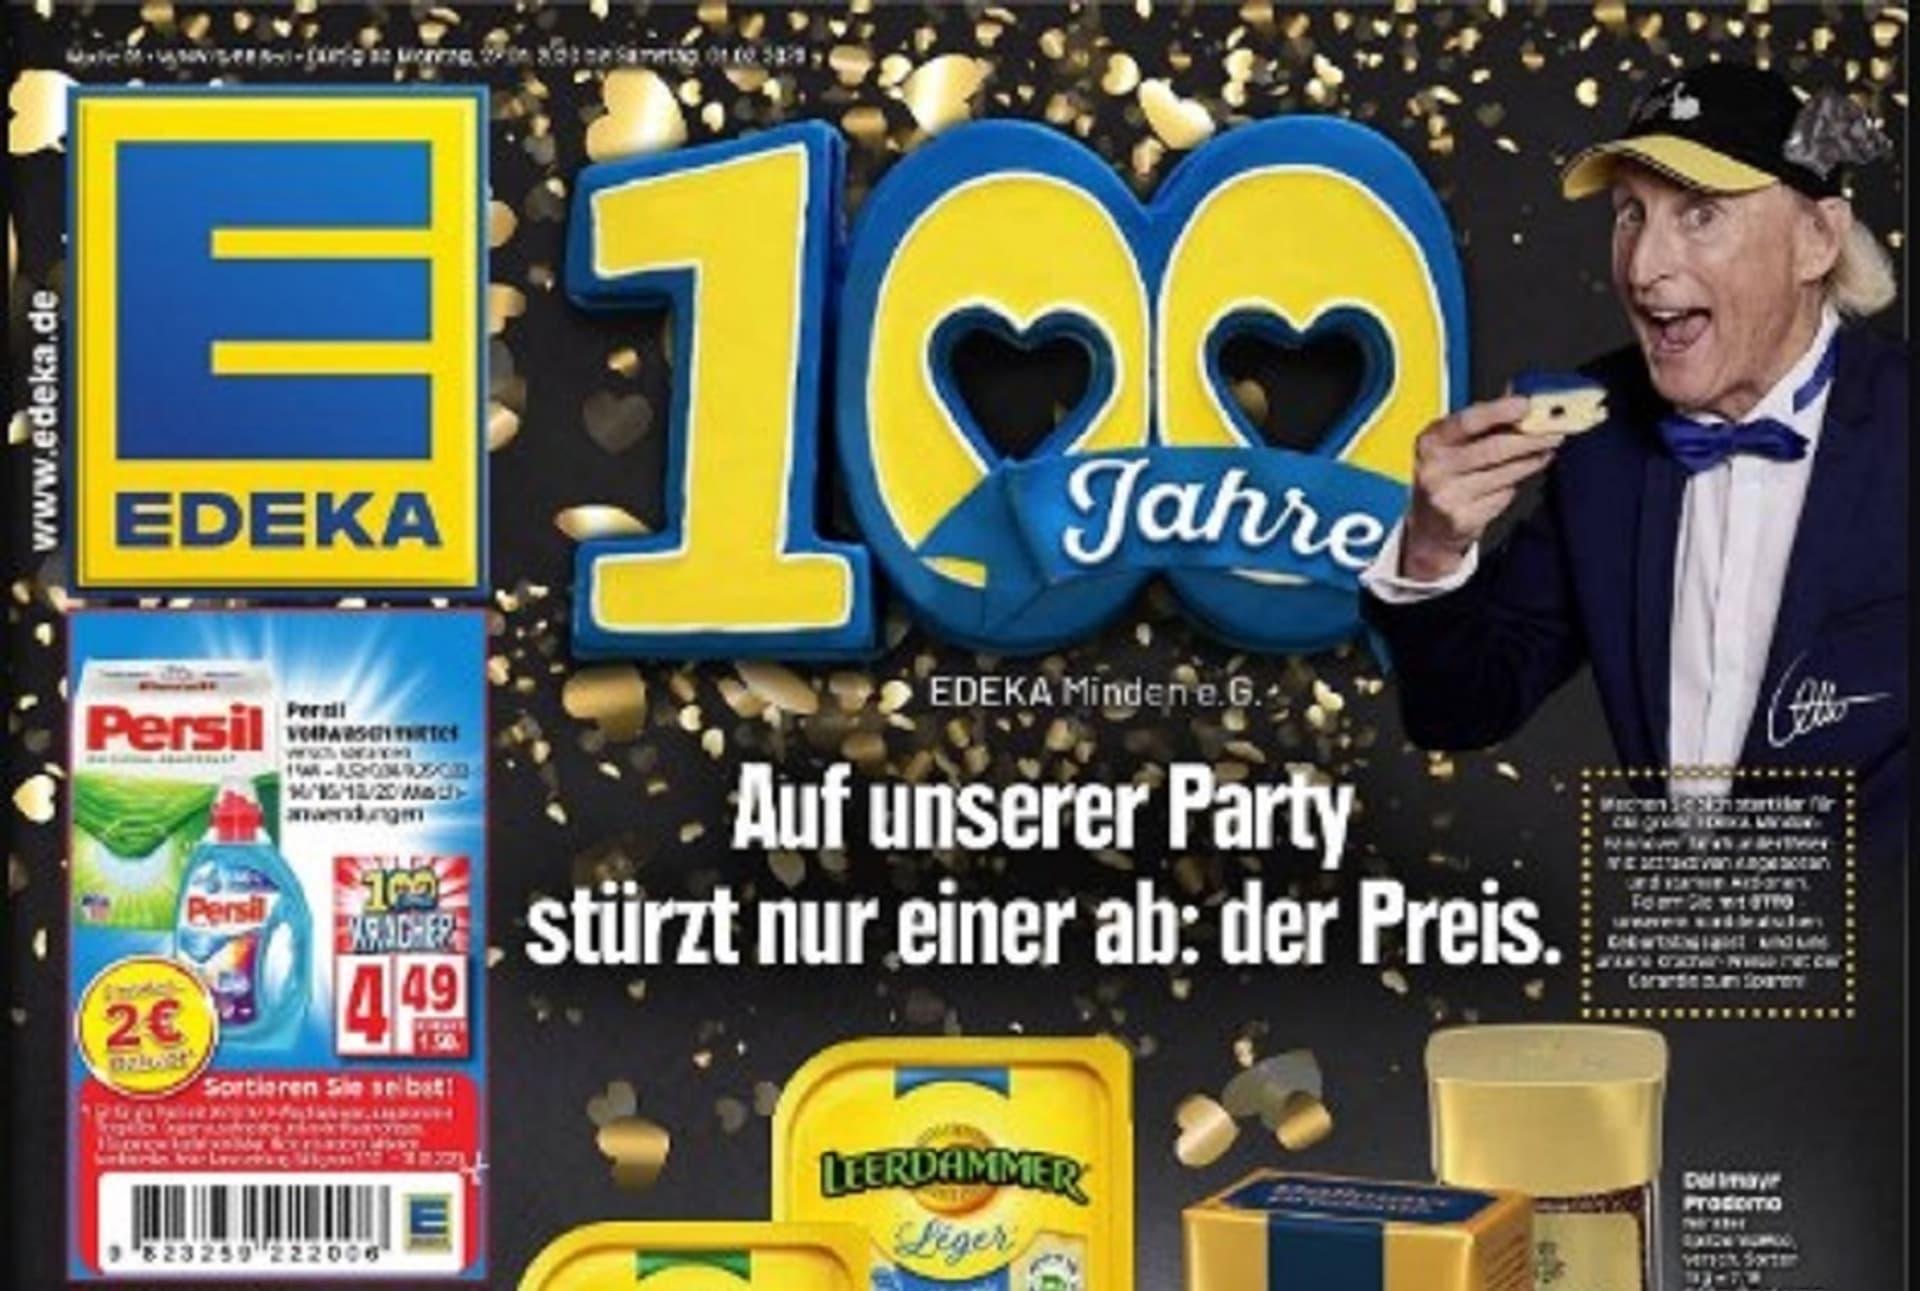 Edeka-Werbeprospekt